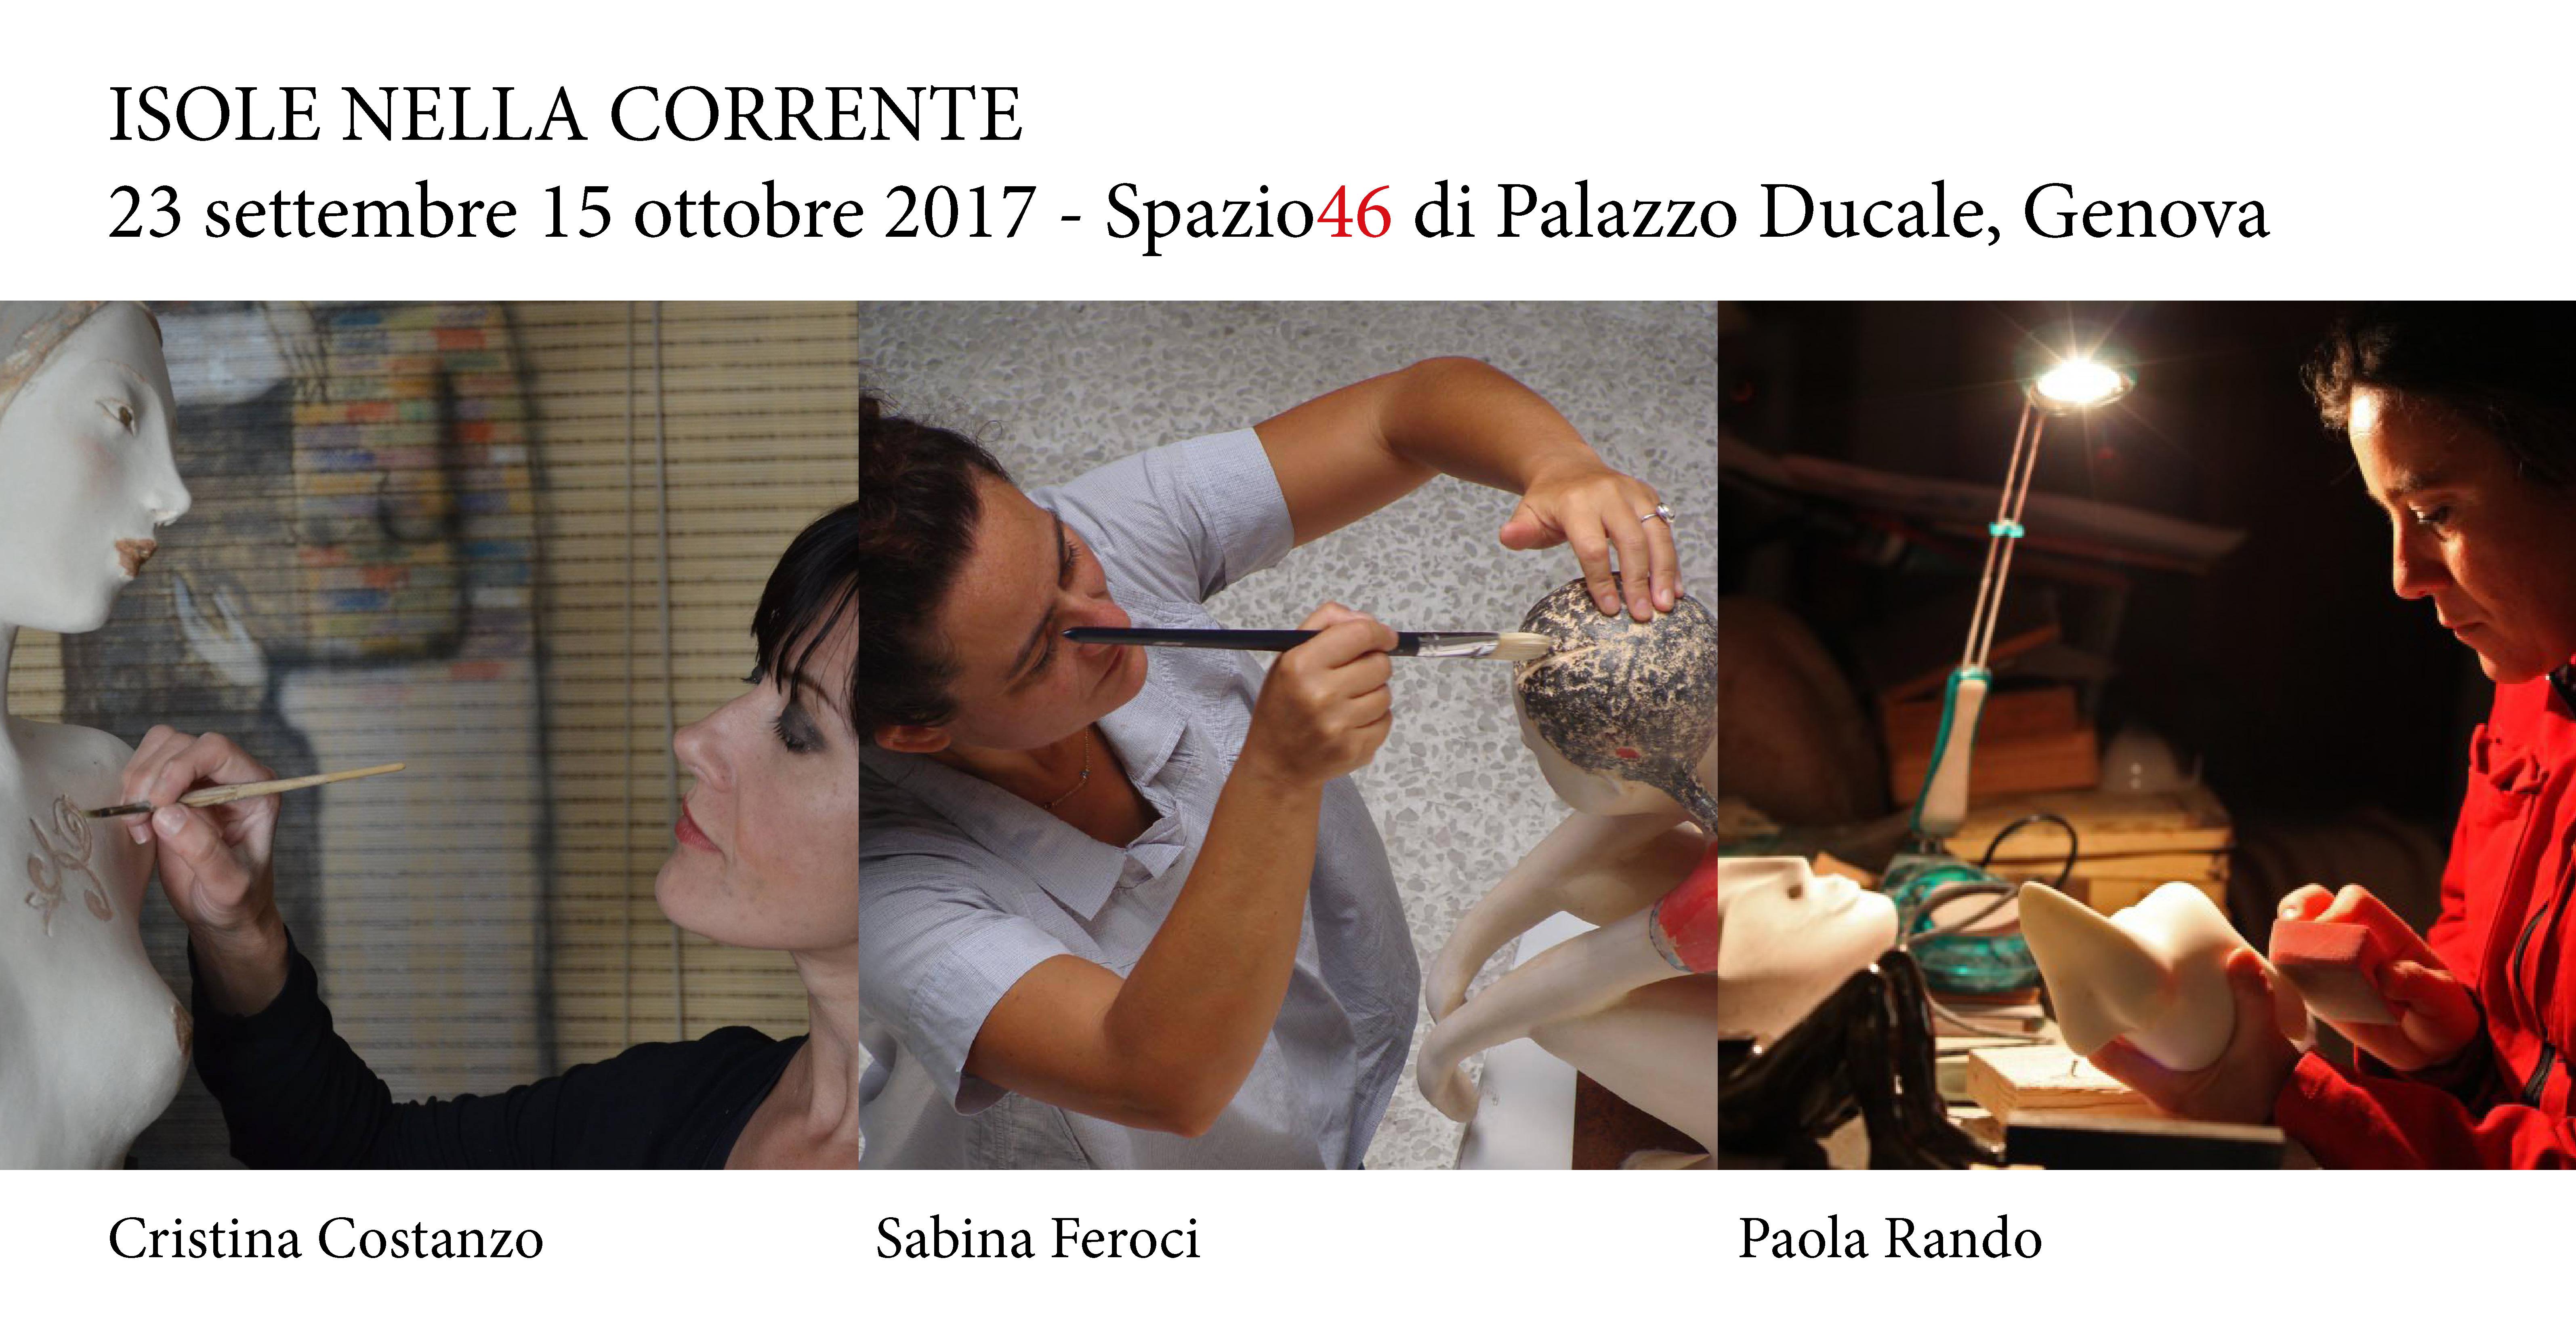 le artiste Cristina Costanzo, Sabina Feroci, Paola Rando